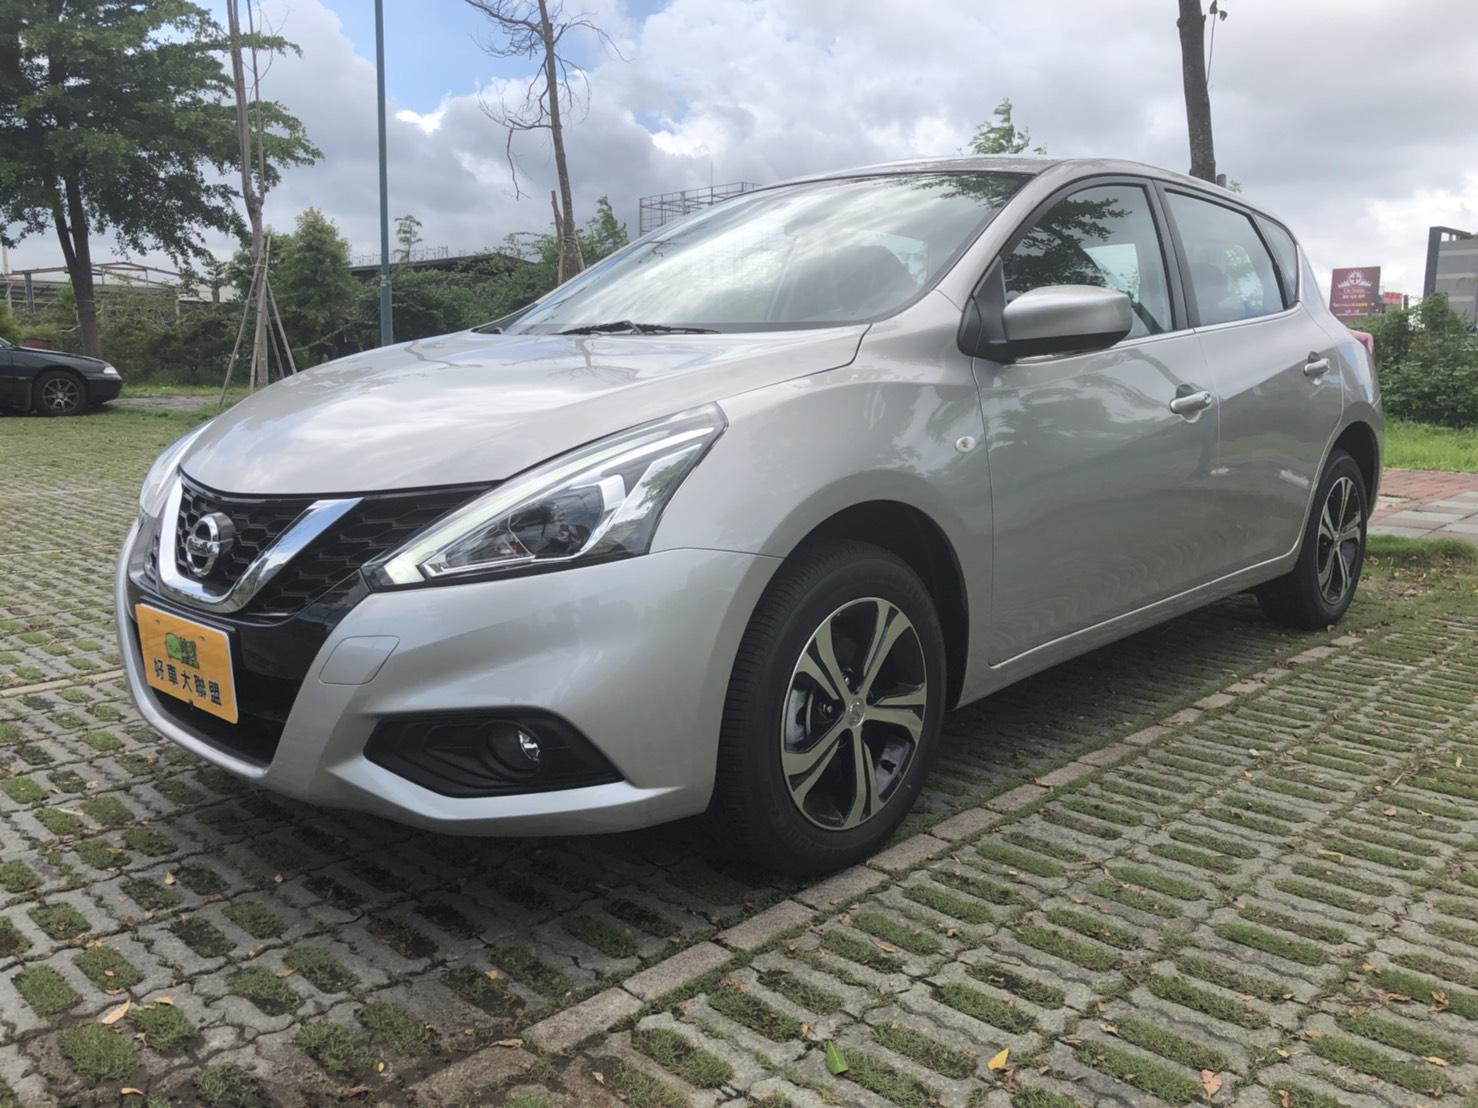 2018 Nissan Tiida